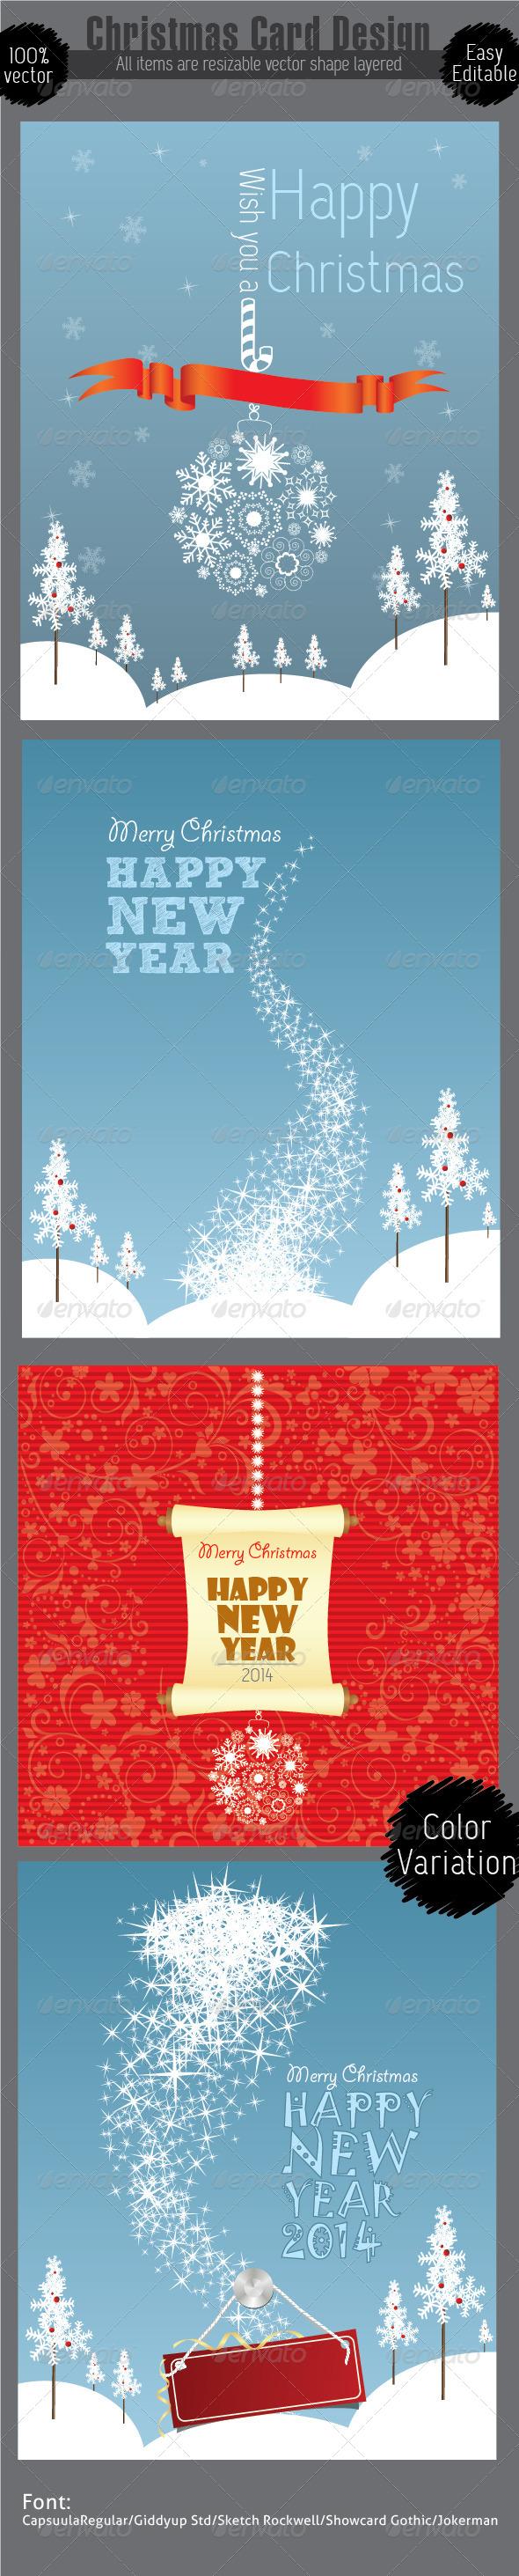 Christmas Card Design Template - Christmas Seasons/Holidays